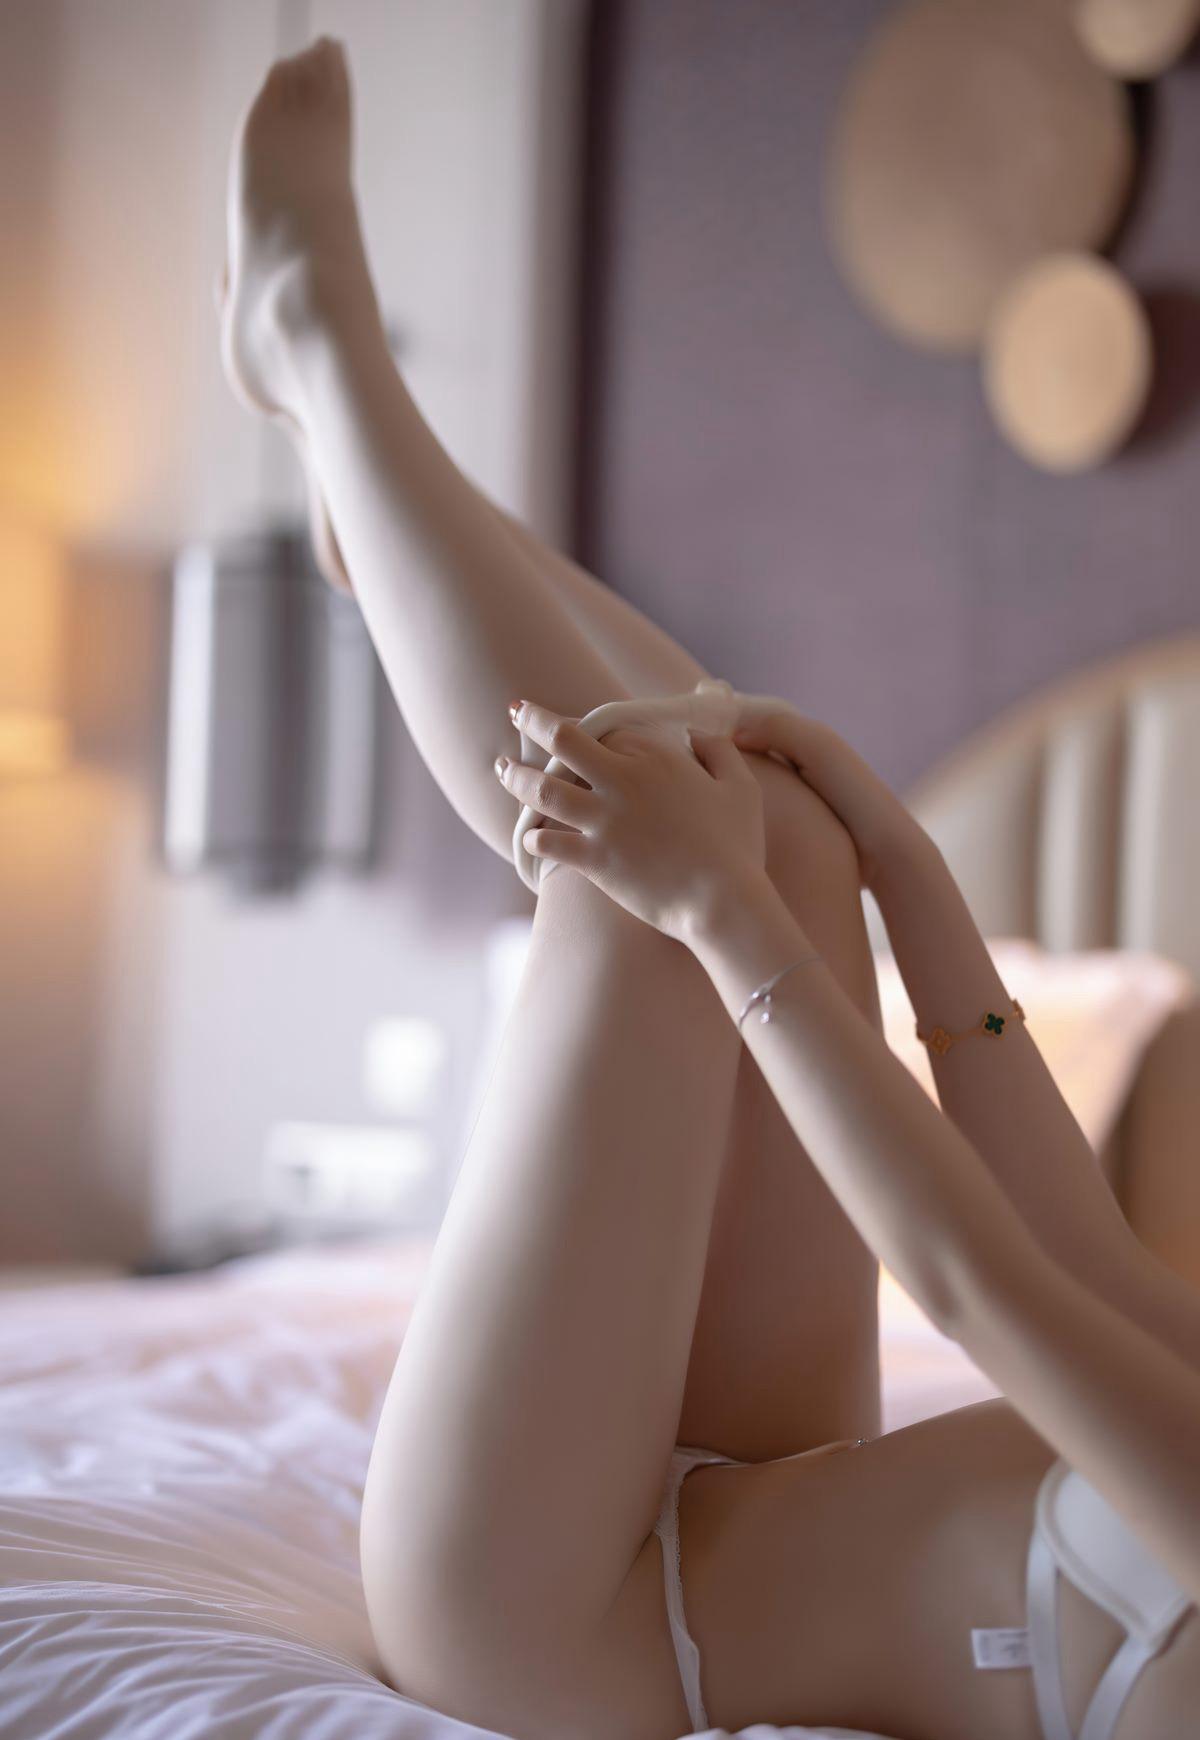 芝芝Booty超薄白丝完美腿型诱惑白嫩玉足脱丝袜写真-芝芝Booty-『游乐宫』Youlegong.com 第9张